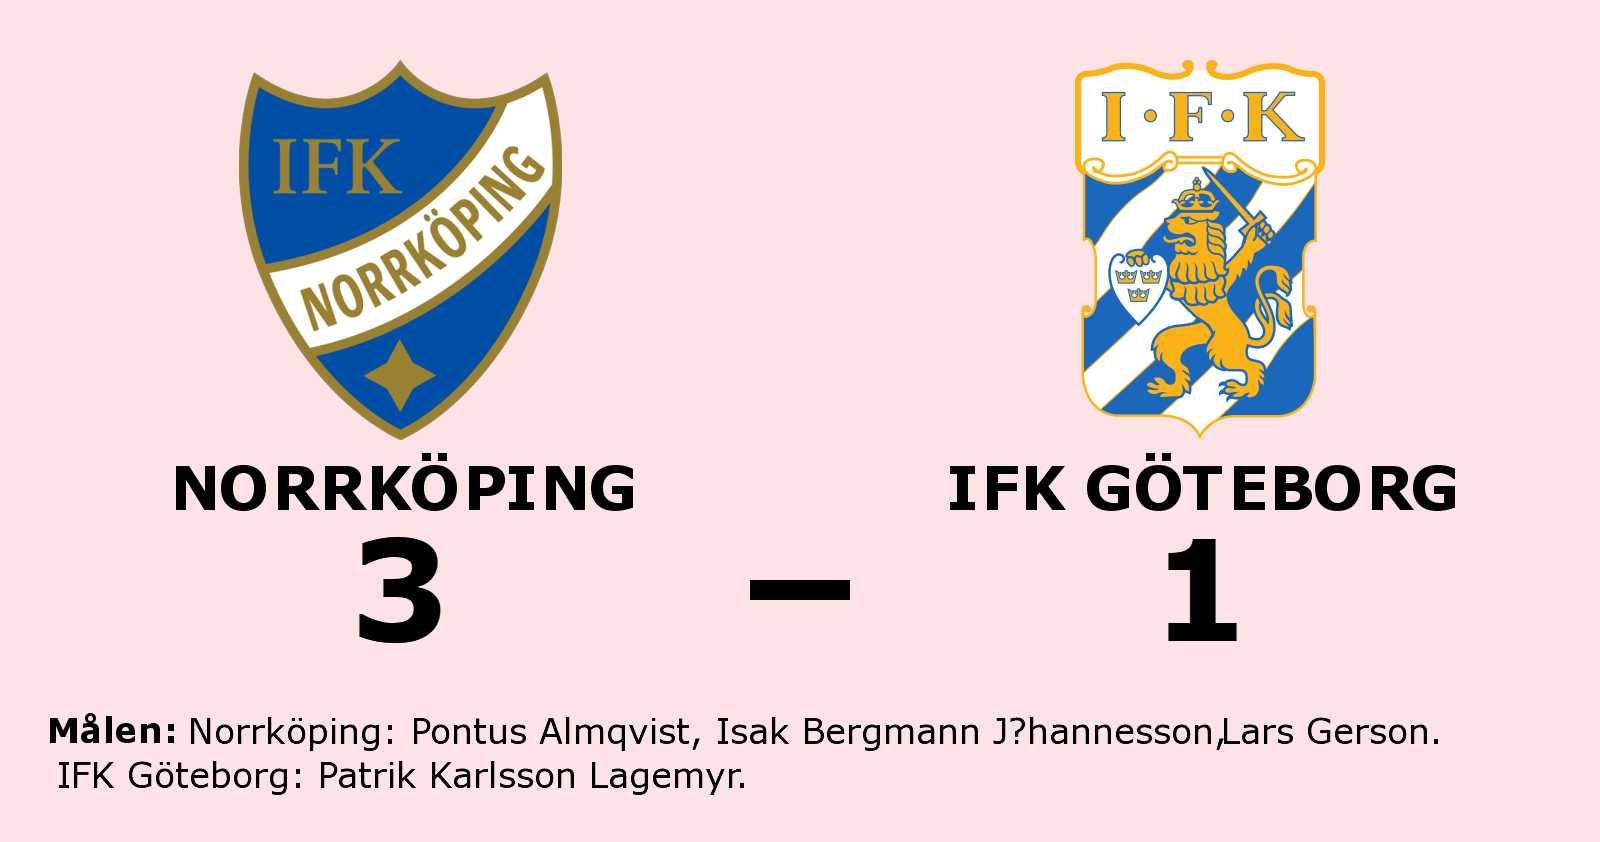 Norrköping klart bättre än IFK Göteborg på Östgötaporten